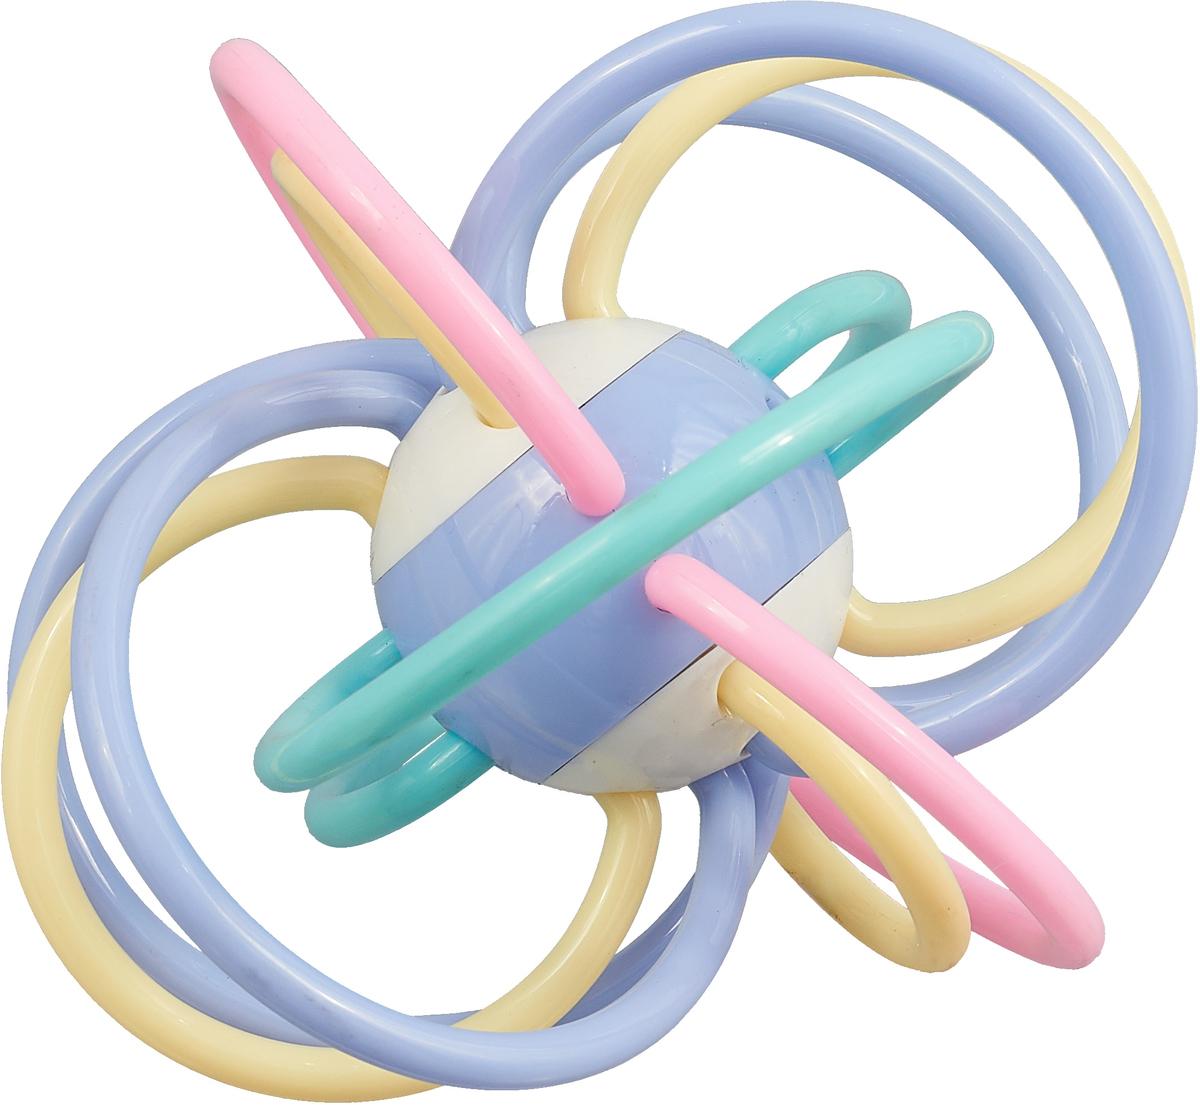 Ути-Пути Развивающая игрушка Шар цвет голубой розовый бежевый цена